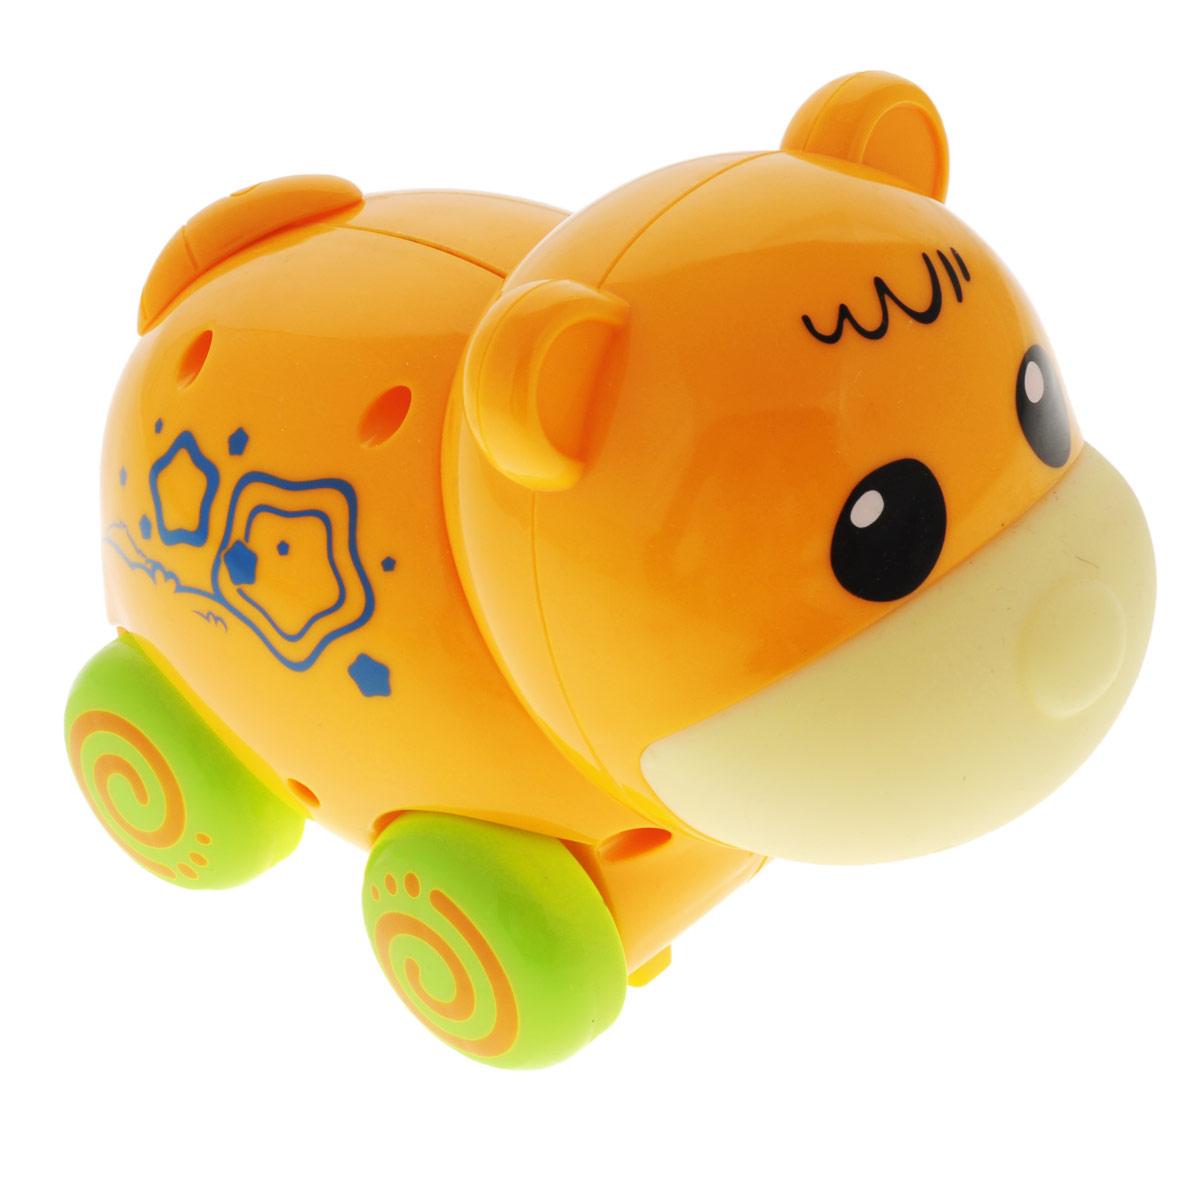 Игрушка Mioshi Active Зверята: Мишка, цвет: оранжевыйMAC0303-002Игрушка на колесиках Mioshi Active Зверята: Мишка- это отличный подарок для ребенка! Она выполнена в ярком дизайне из прочных и безопасных материалов. Игрушка оснащена звуковыми эффектами - игра станет еще интересней благодаря щечкам со звуком. При нажатии кнопочек, расположенных сбоку, малыш услышит три веселых мелодии. Длина игрушки - 15 см. Для работы требуются 3 батарейки AG13 (входят в комплект).